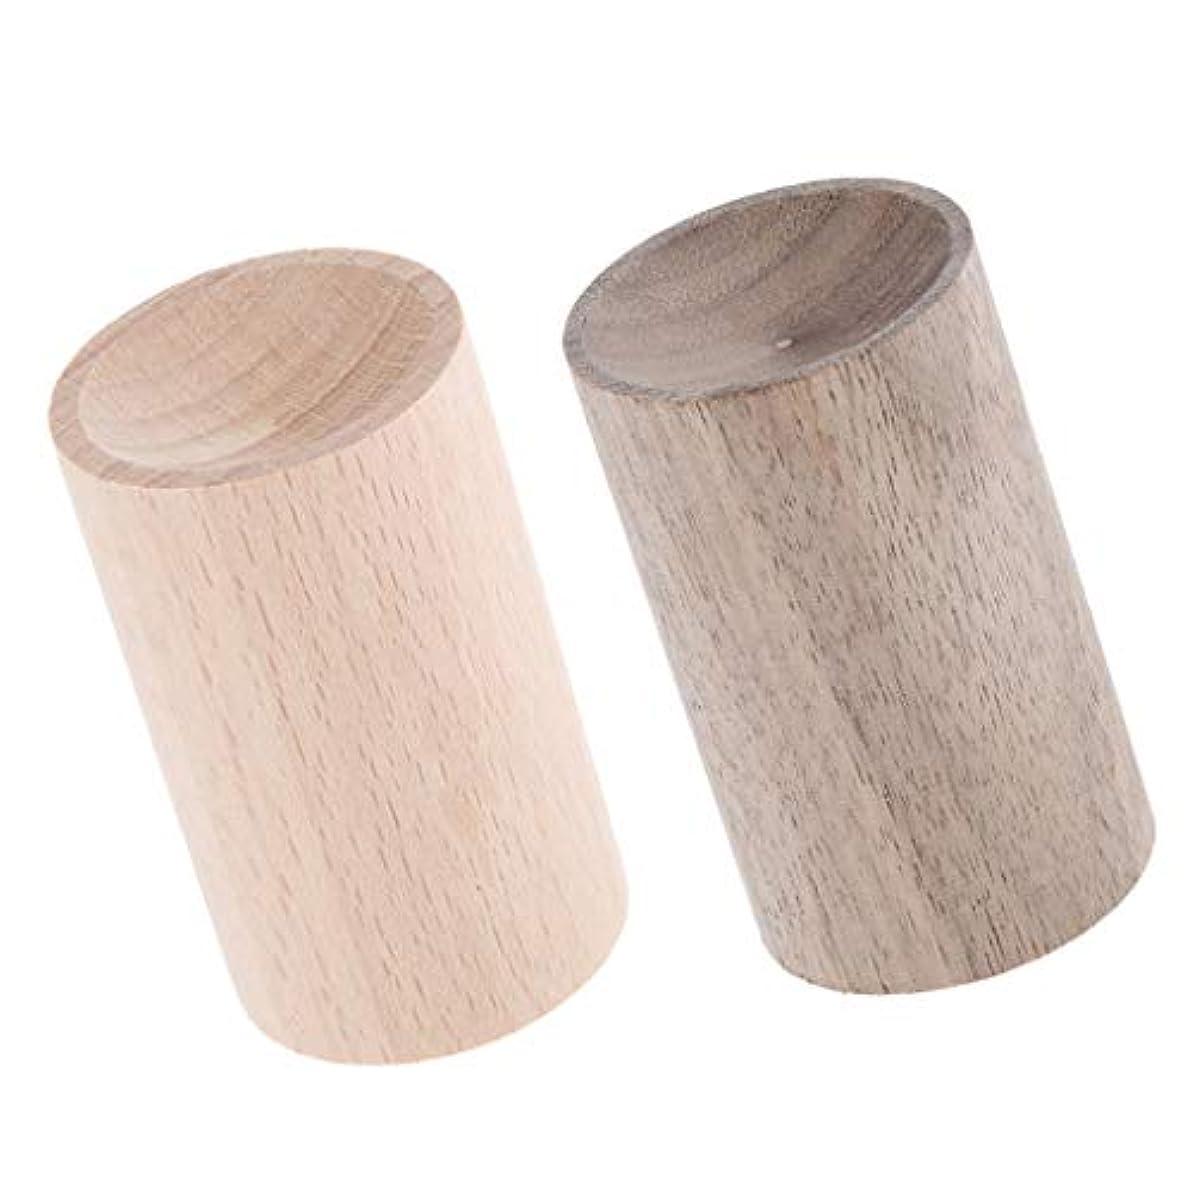 ドーム理想的にはブルーベルエッセンシャルオイルディフューザー 芳香剤 手作り 天然木 車、家、オフィス 贈り物 2個入